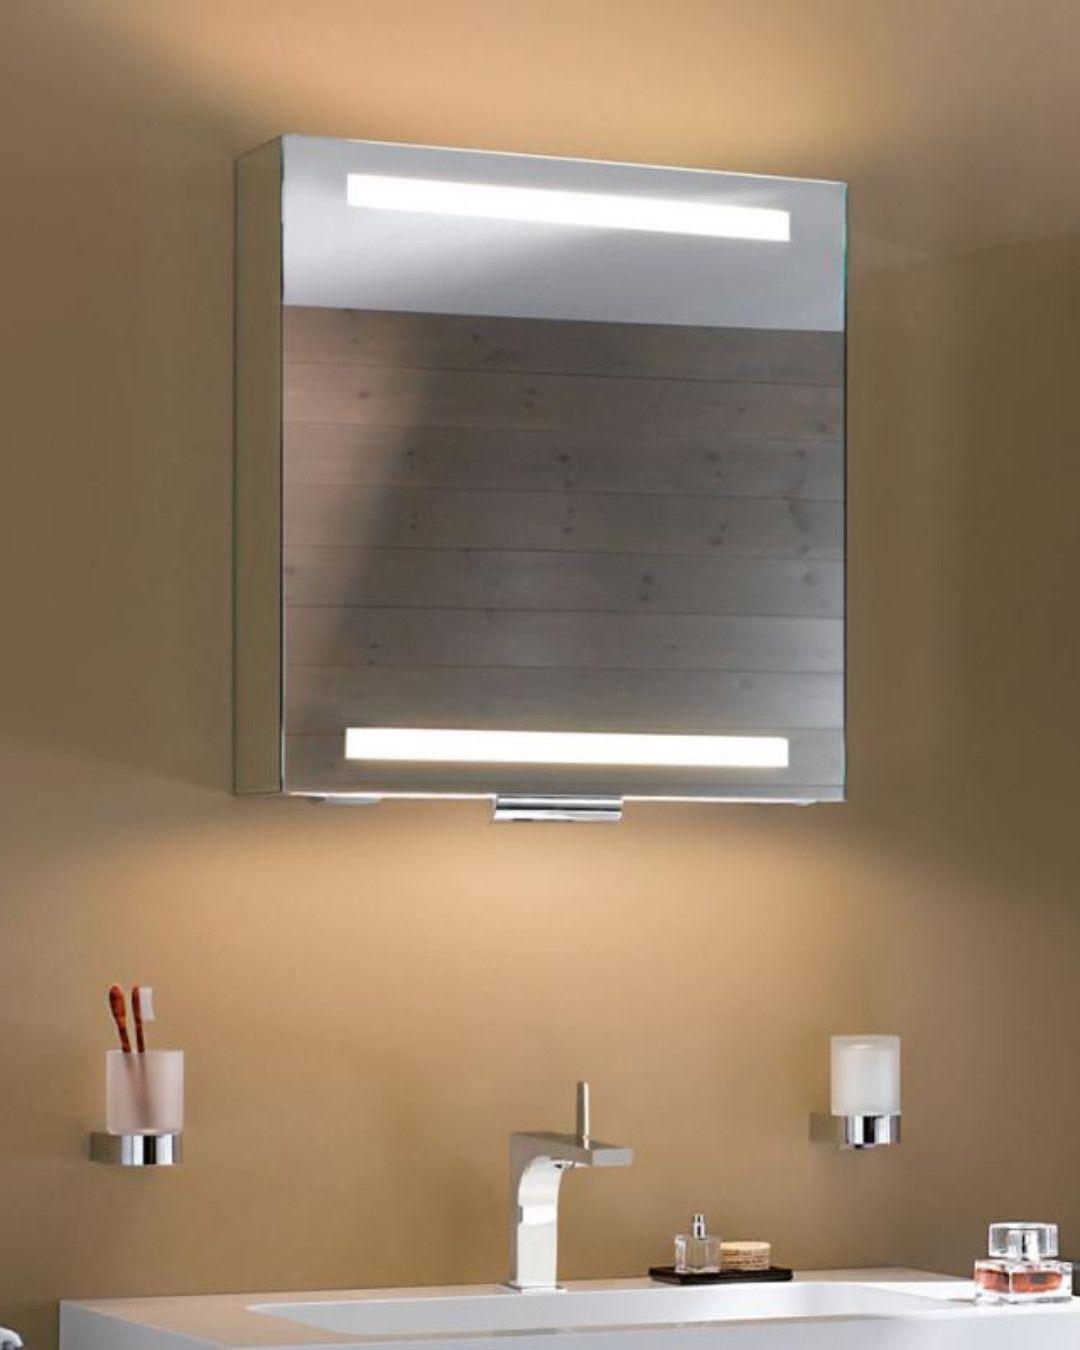 Keuco Edition 300 Dieser Spiegelschrank Offnet Die Turen Nicht Zu Den Seiten Sondern Nach Oben Die Schwenktur Besteht Aus Eine Spiegelschrank Schrank Spiegel